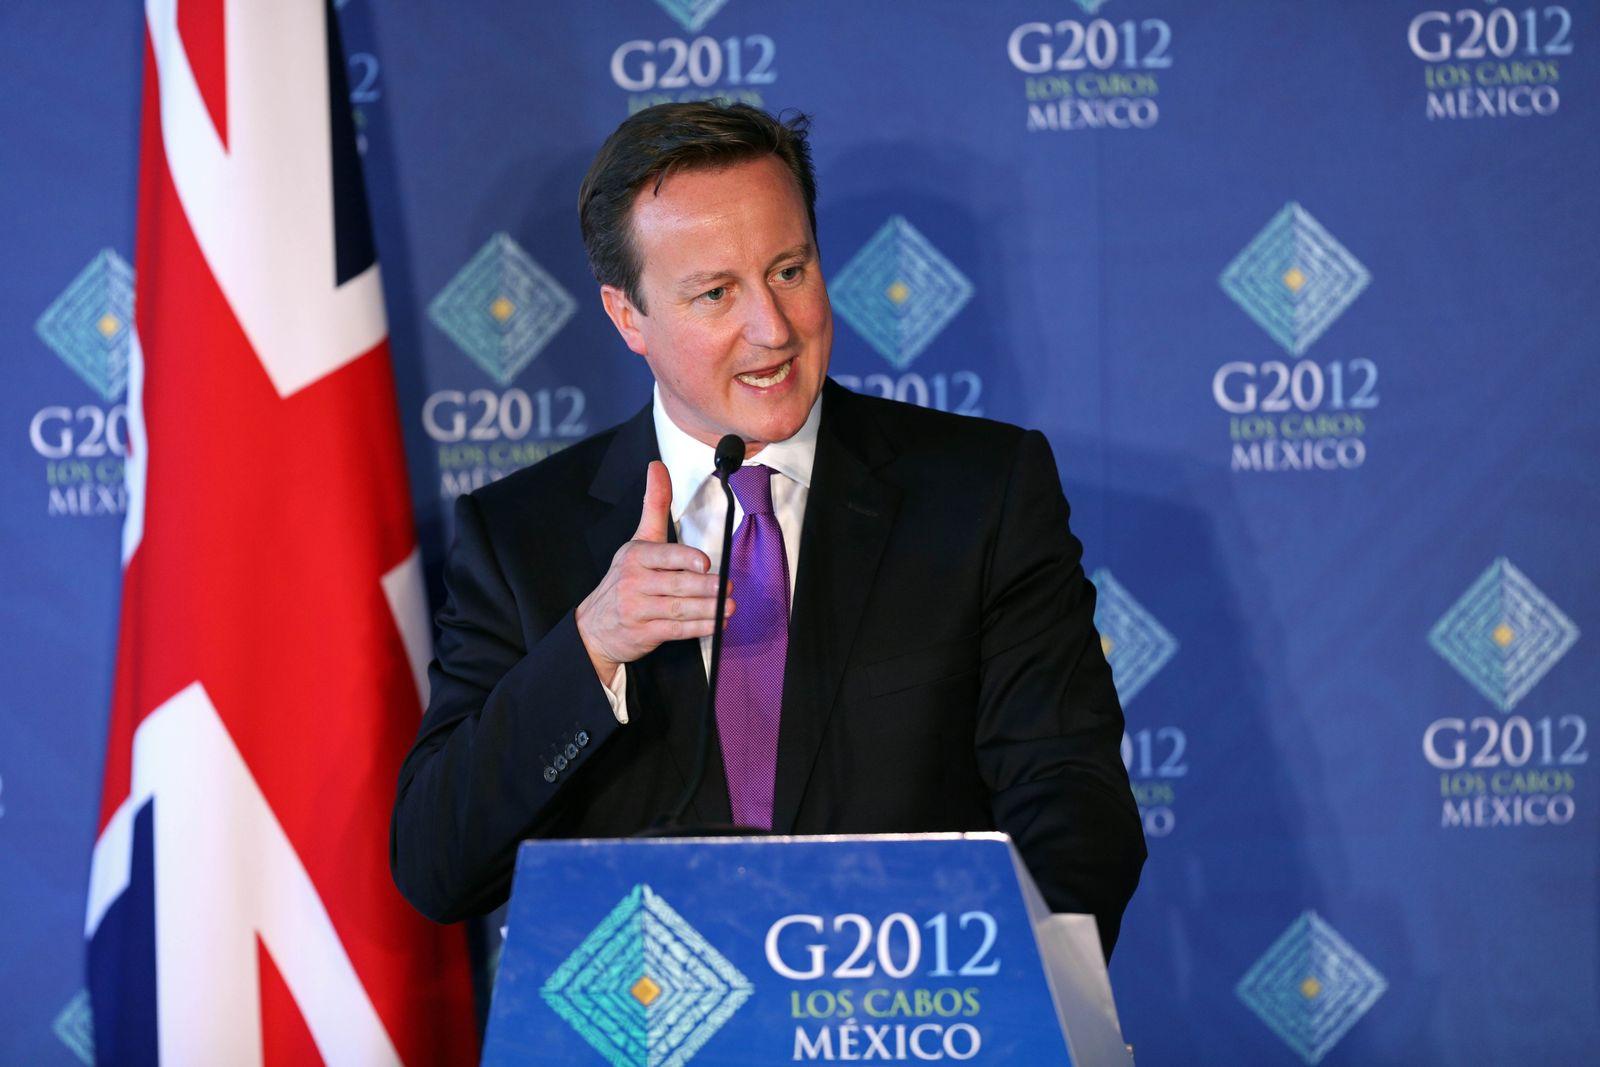 David Cameron / G20